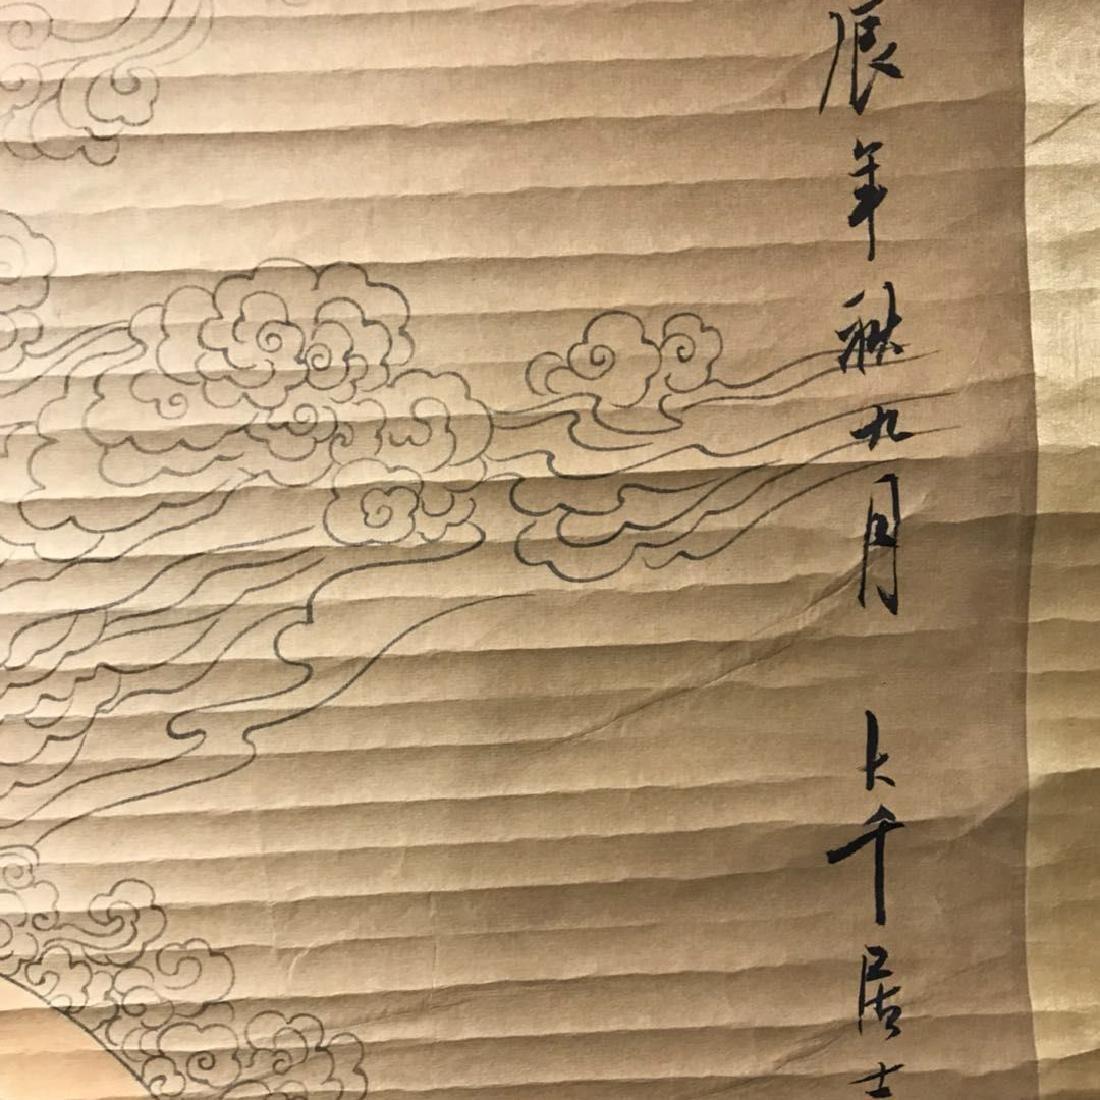 Scroll Painting: Guan Yin - 2